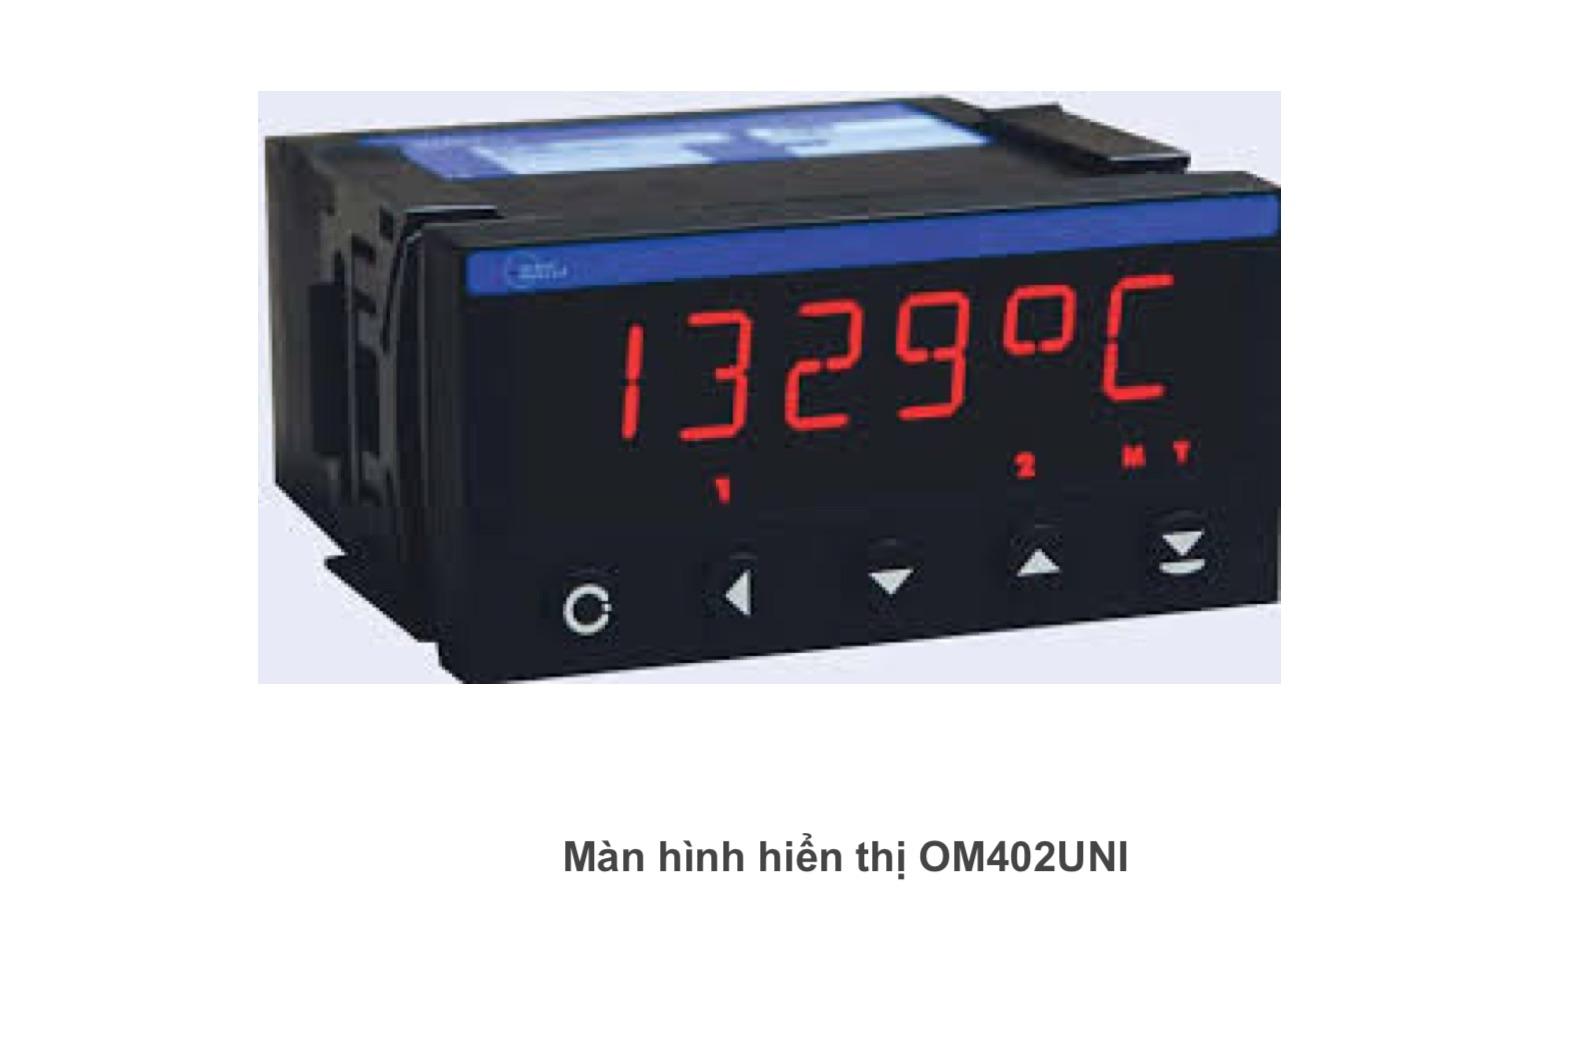 Màn hình hiển thị OM402UNI